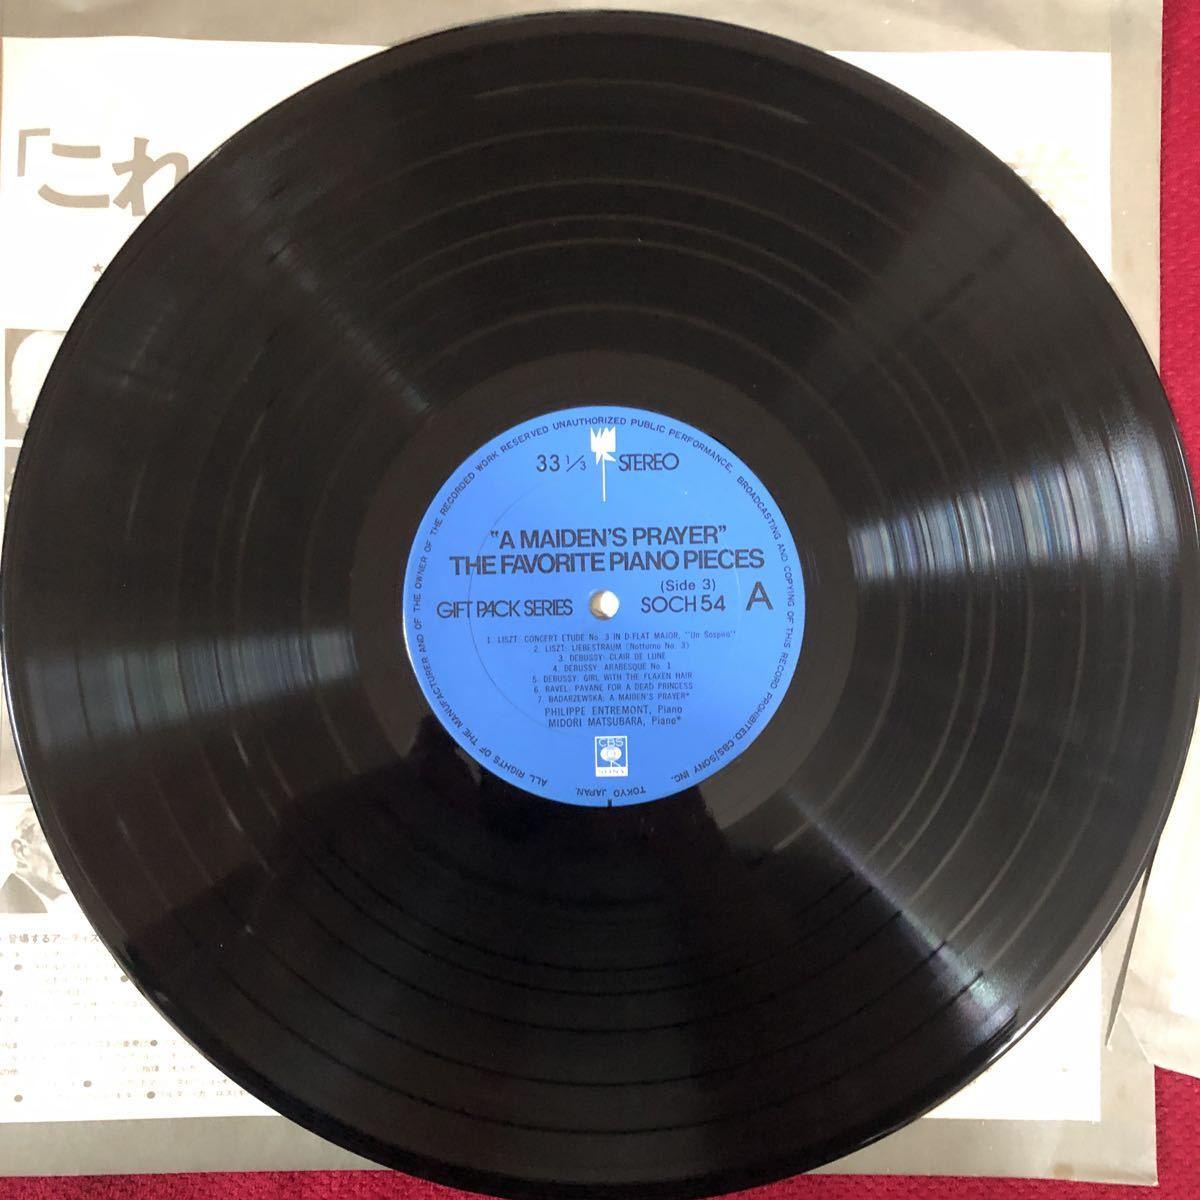 """レア盤BOX★LPレコード★クラシックピアノ★THE FAVORITE PIANO PIECES """"A MAIDENS PRAYER ★2枚組 レコード多数出品中_画像6"""